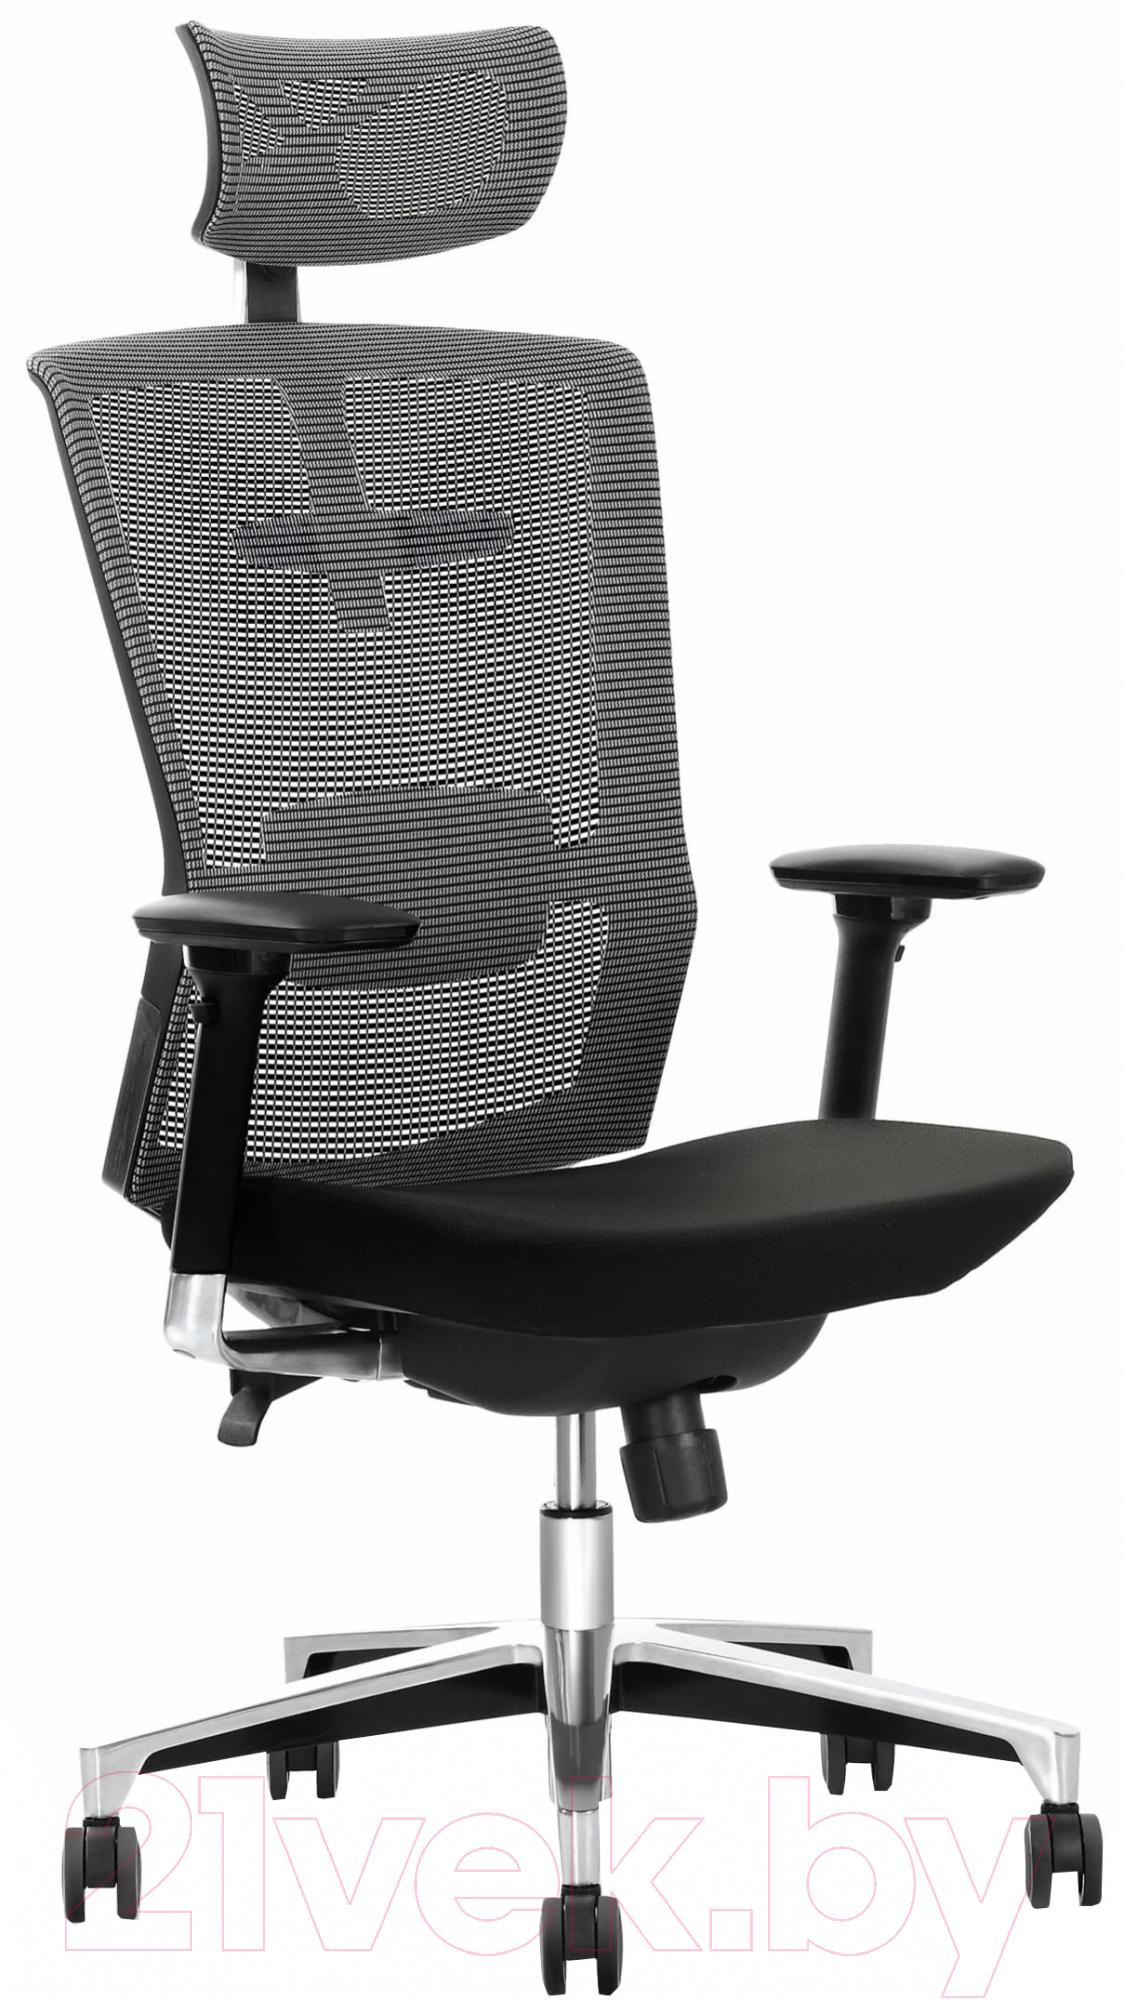 Купить Кресло офисное Halmar, Ambasador (черный/серый), Китай, Ambasador (Halmar)